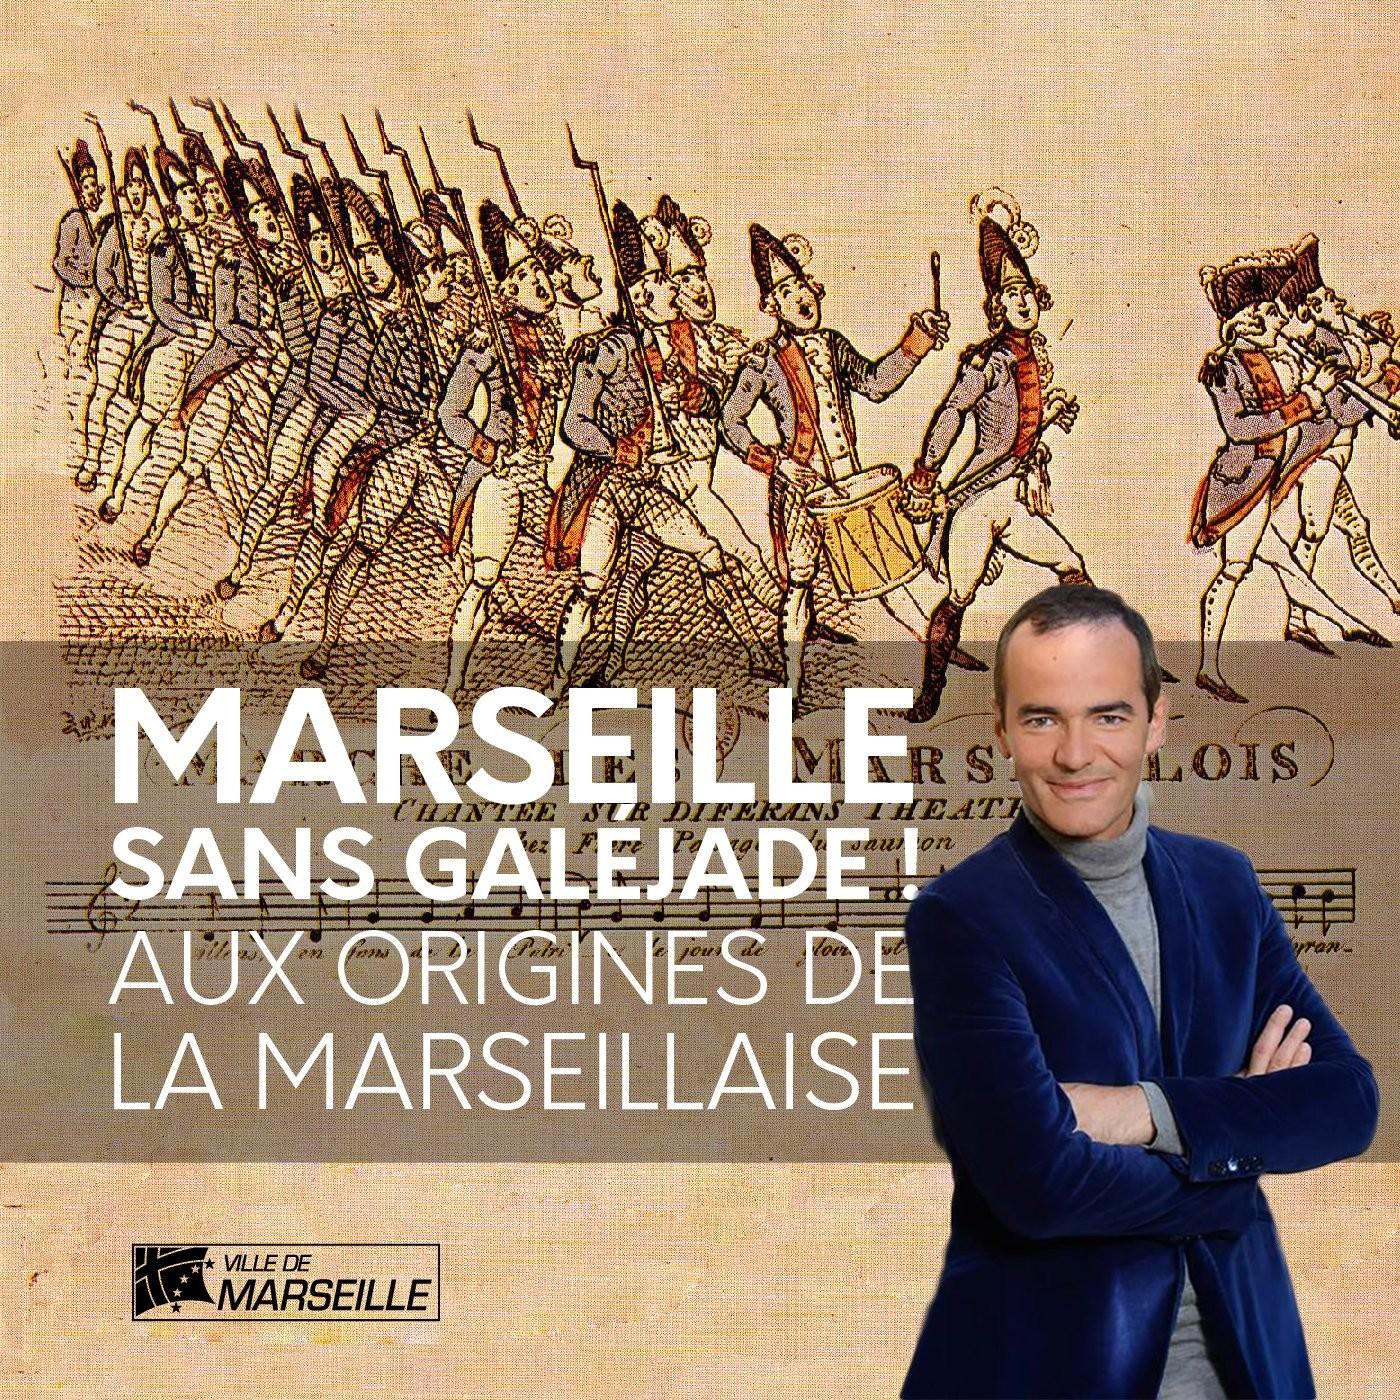 #2 - Aux origines de la Marseillaise